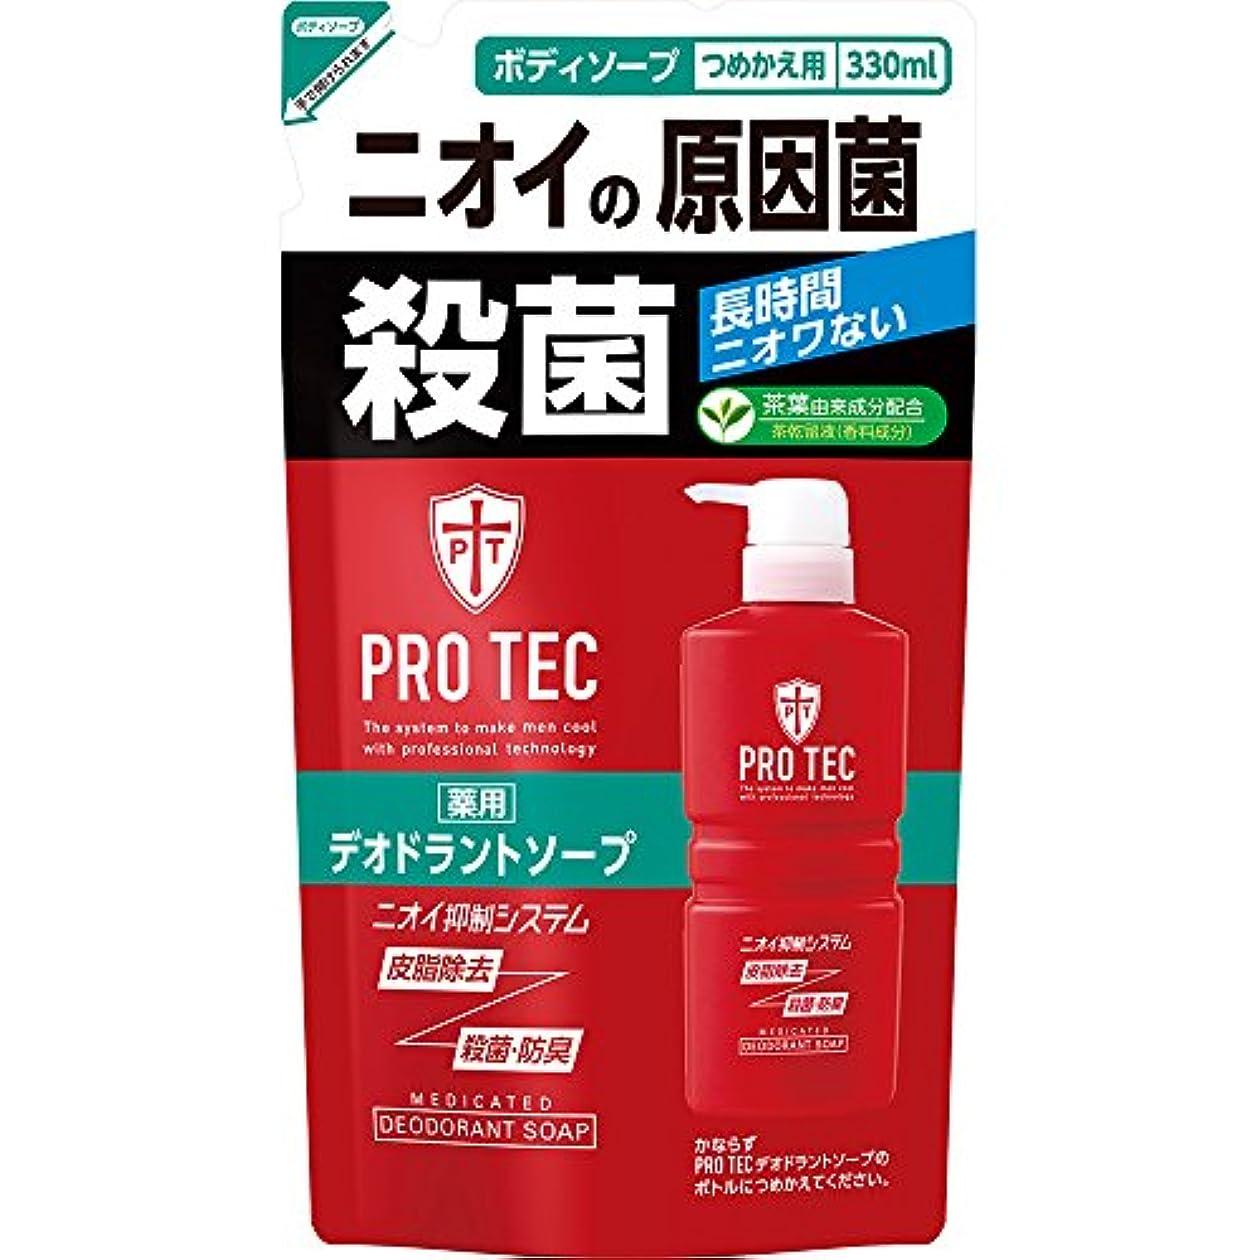 説得行商データムPRO TEC(プロテク) デオドラントソープ つめかえ用330ml×1個(医薬部外品)